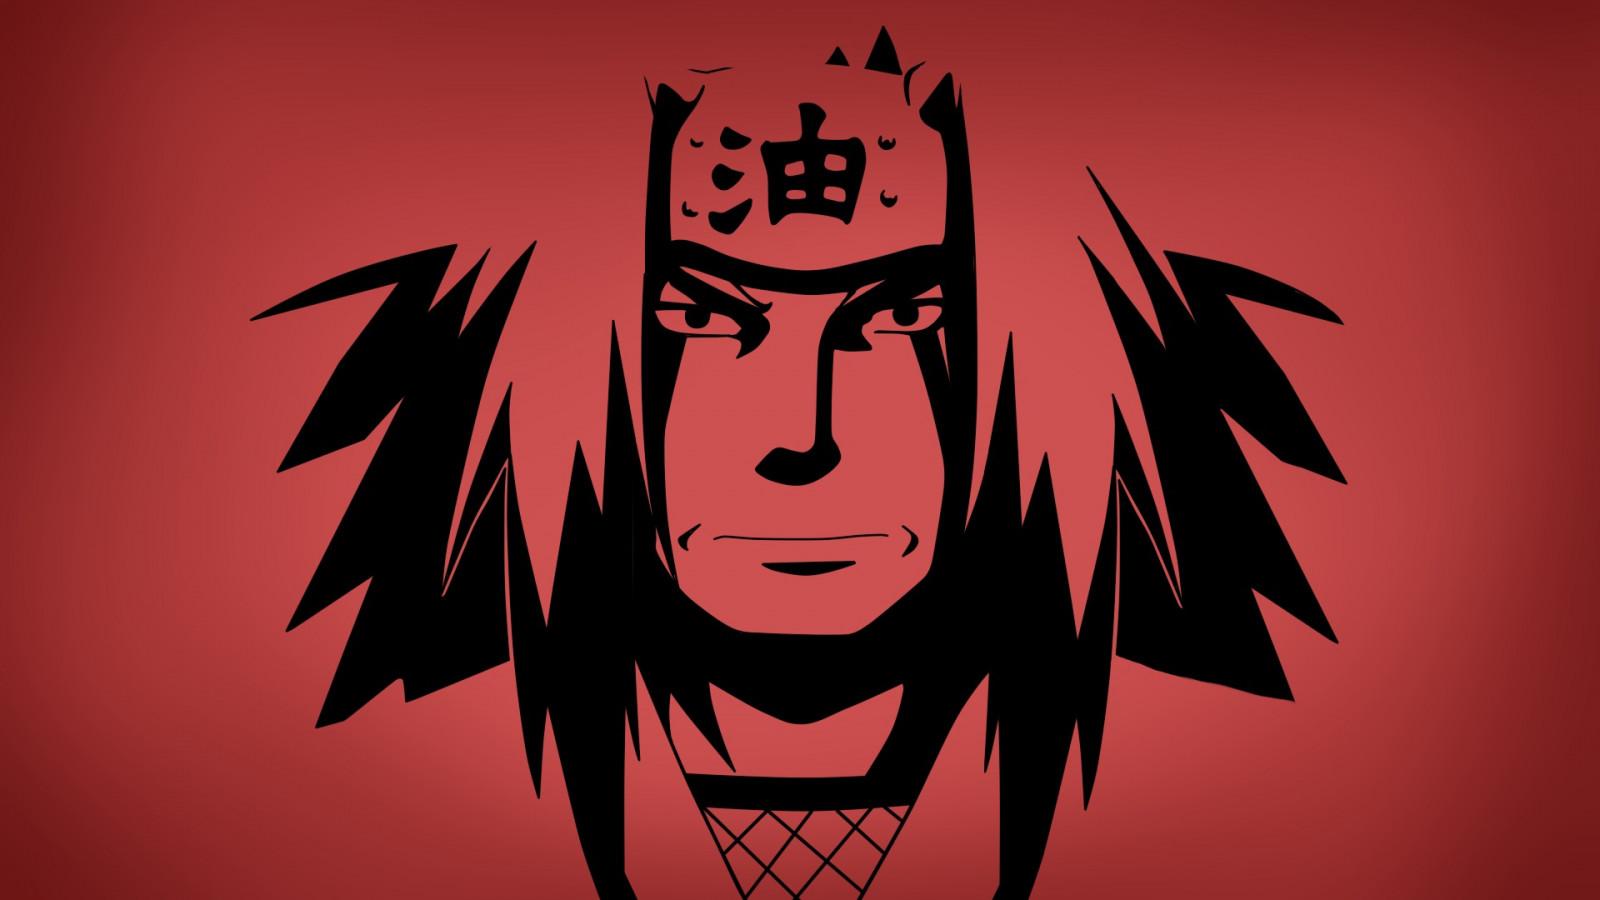 Wallpaper : 1920x1080 px, Jiraiya, Naruto Shippuuden ...